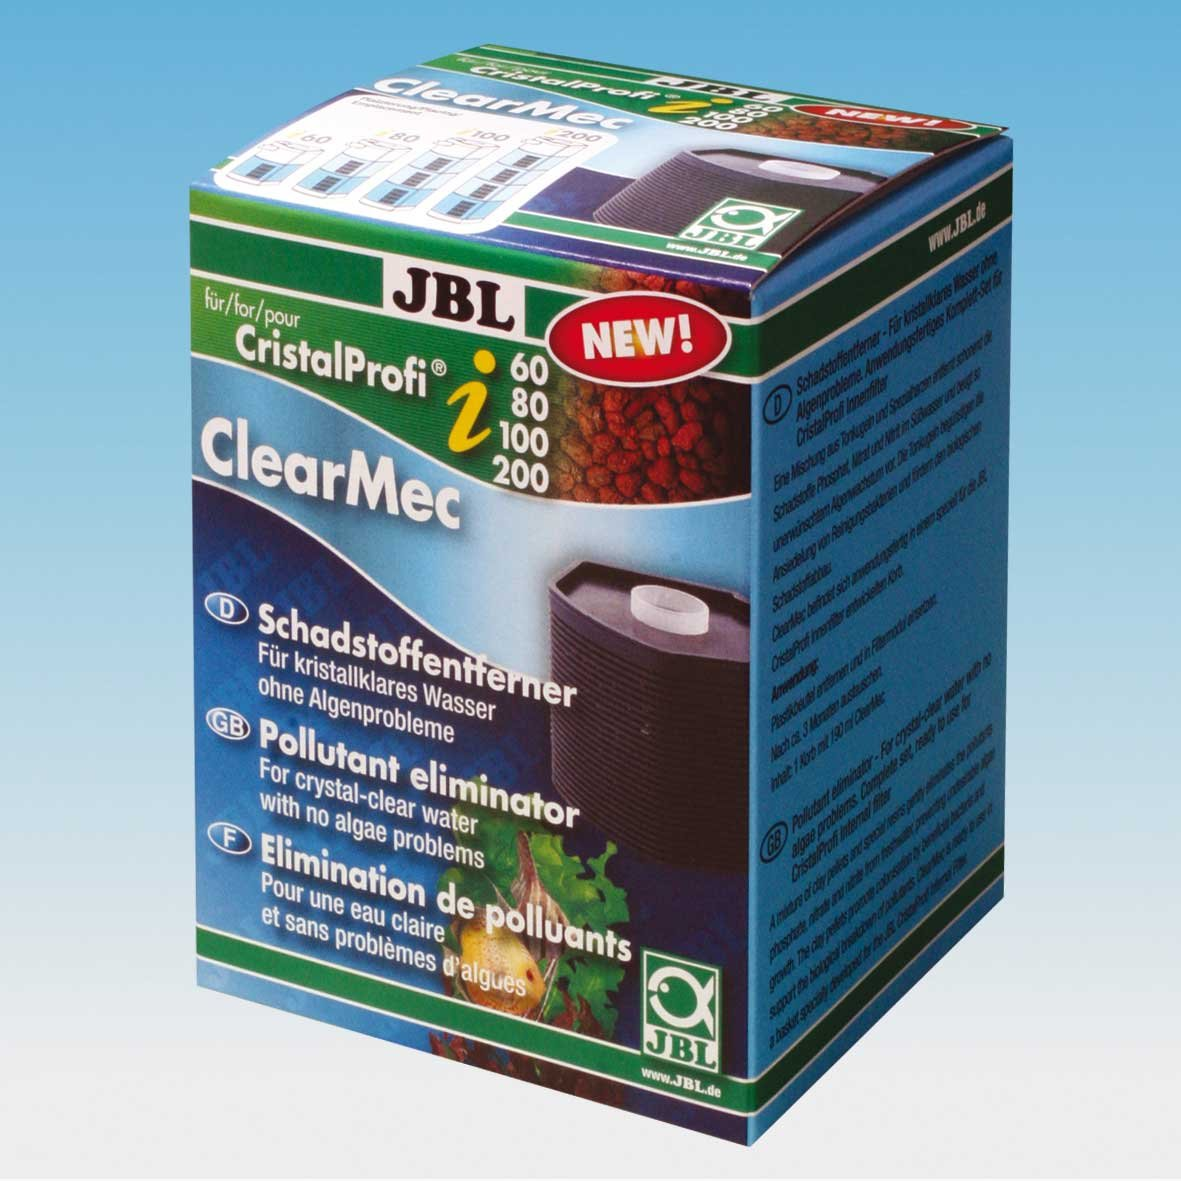 JBL Clearmec Bloc CPi, Équipement de filtration avec éliminateur de nitrites, Nitrates et phosphates pour CristalProfi i 6093200